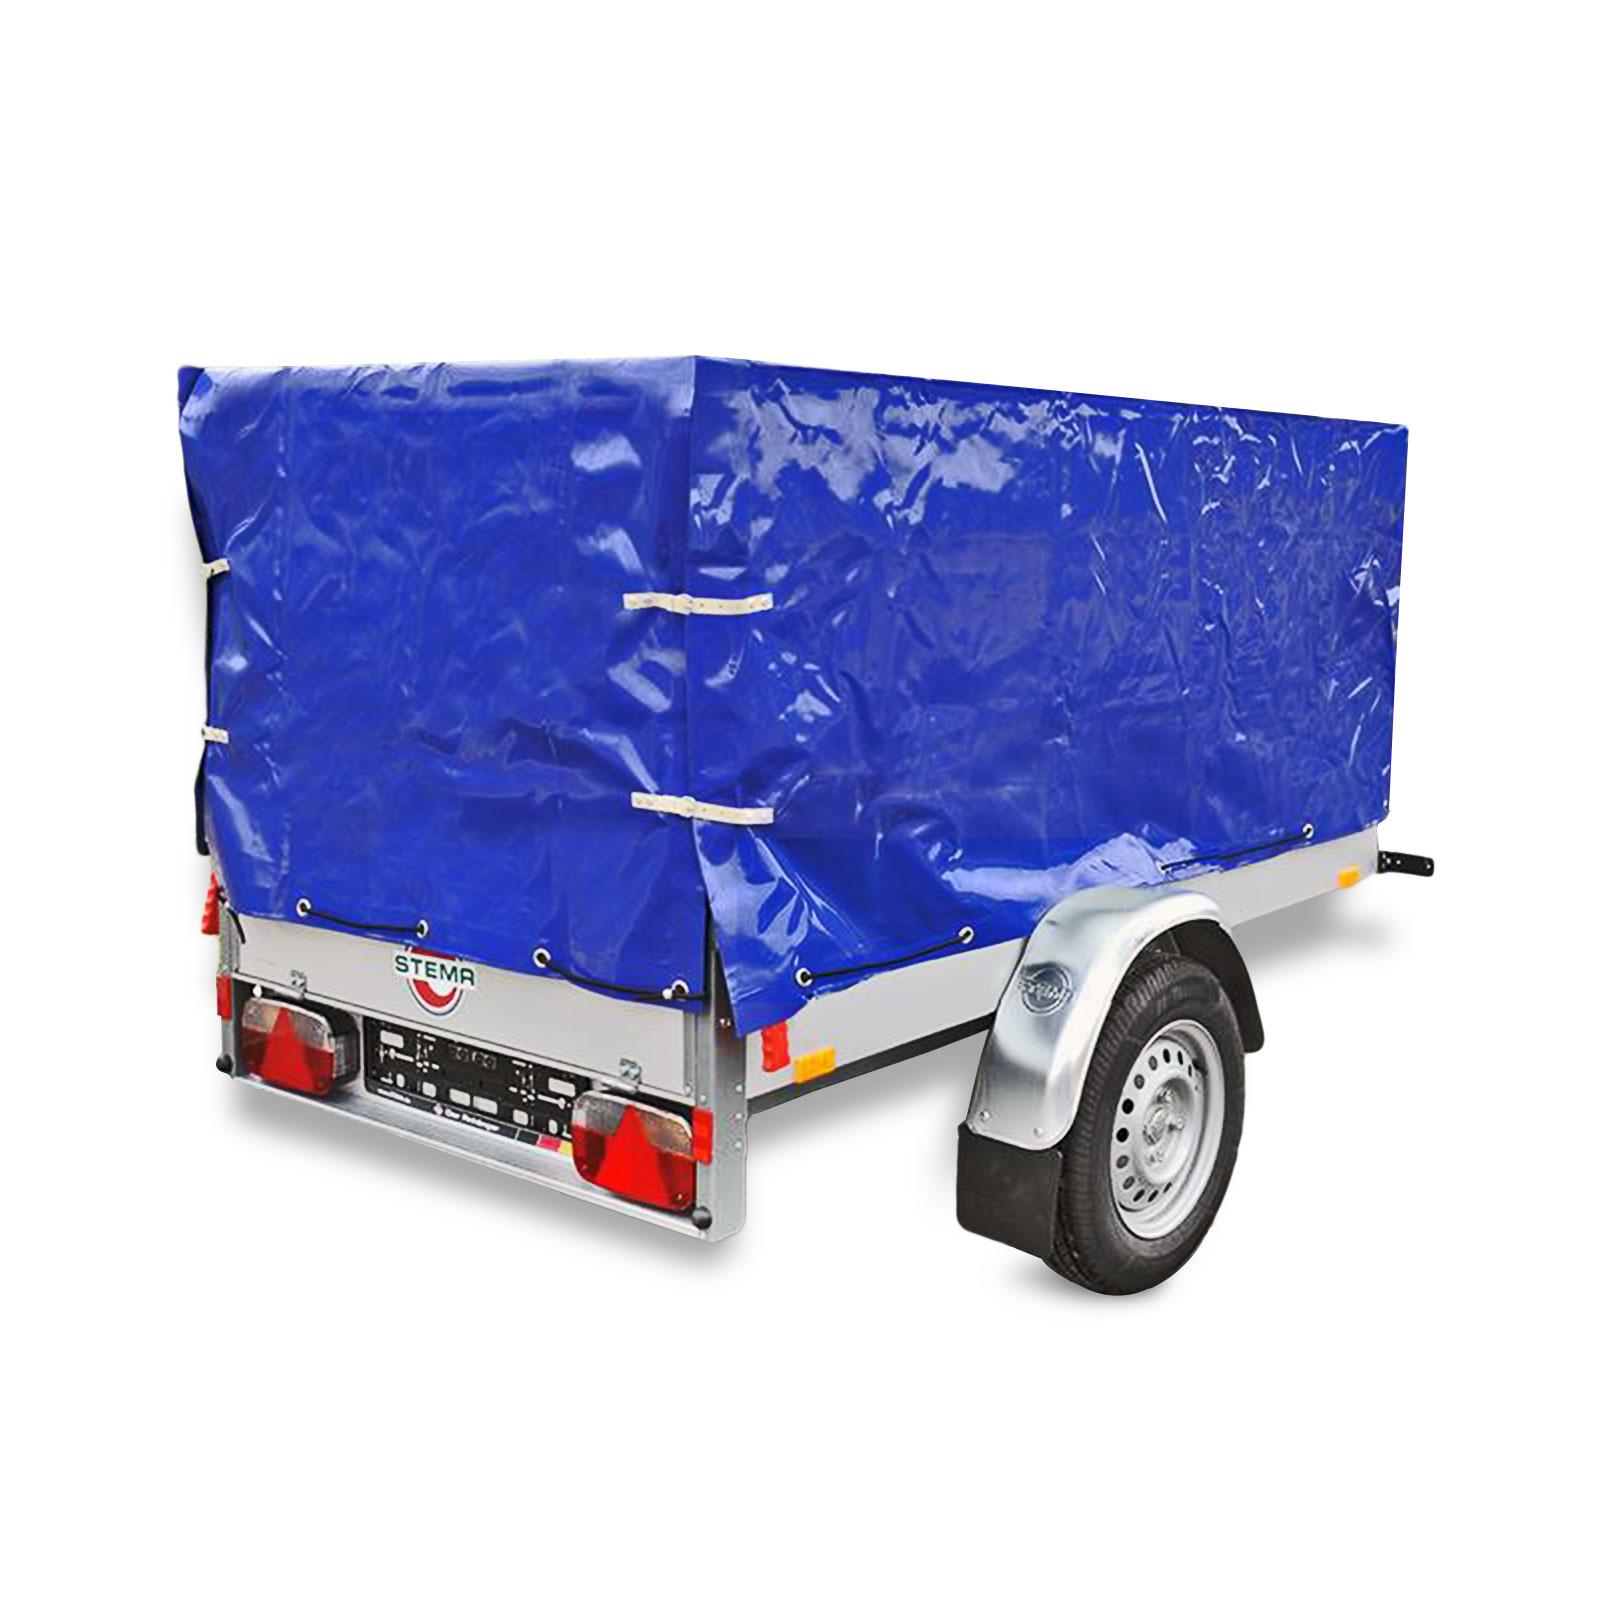 Anhänger-Hochplane Blau mit Gummigurt 2090x1140x880mm